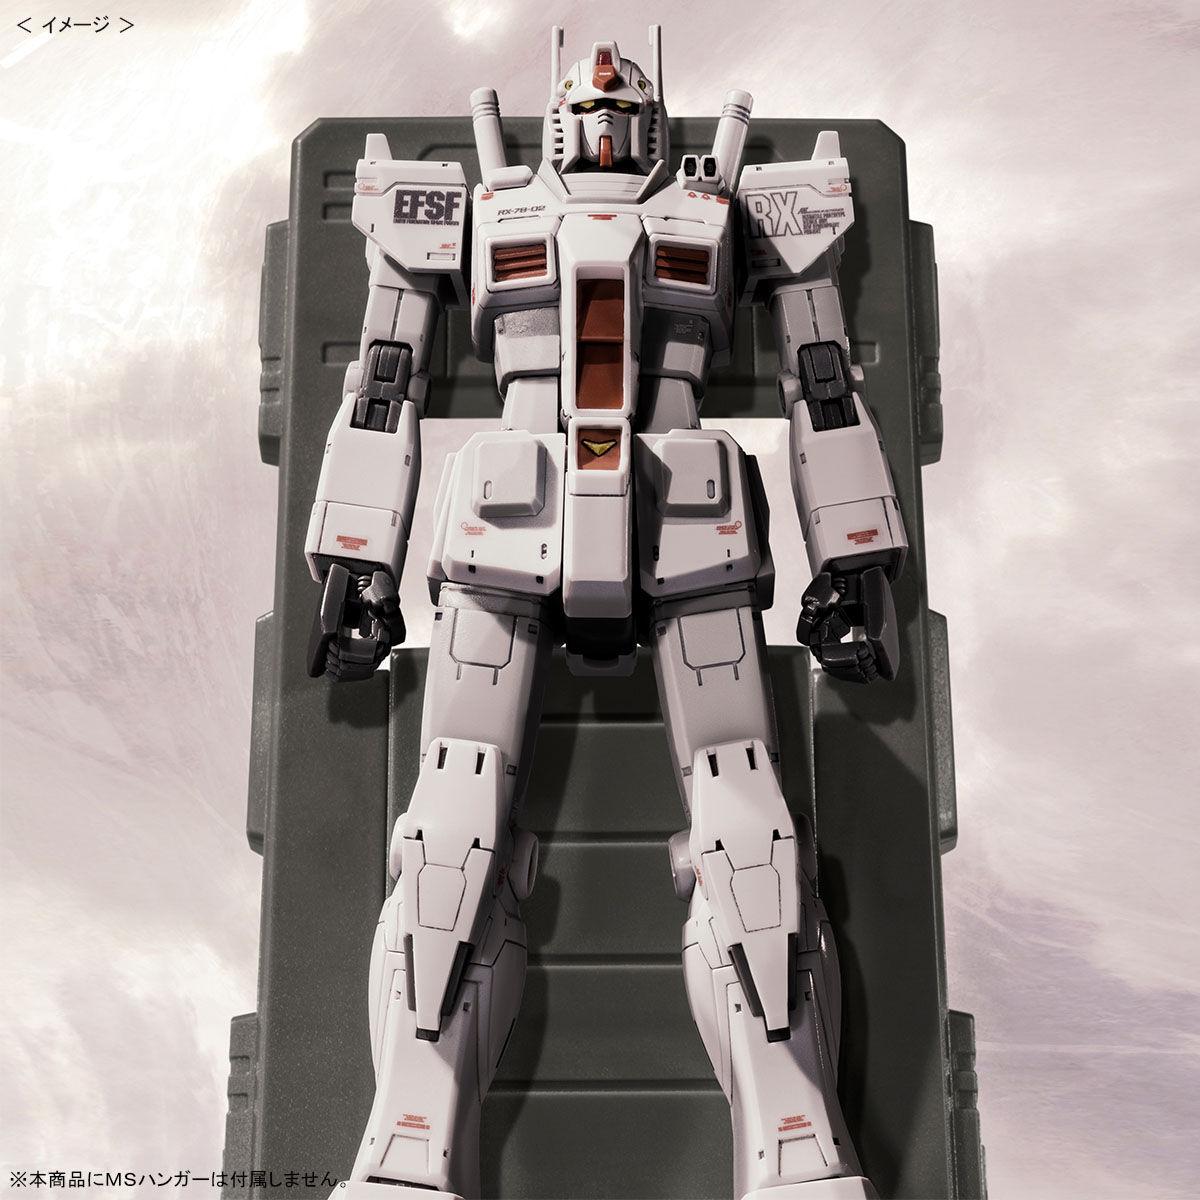 【限定販売】【2次】HG 1/144『RX-78-02 ガンダム ロールアウトカラー(GUNDAM THE ORIGIN版)』プラモデル-009